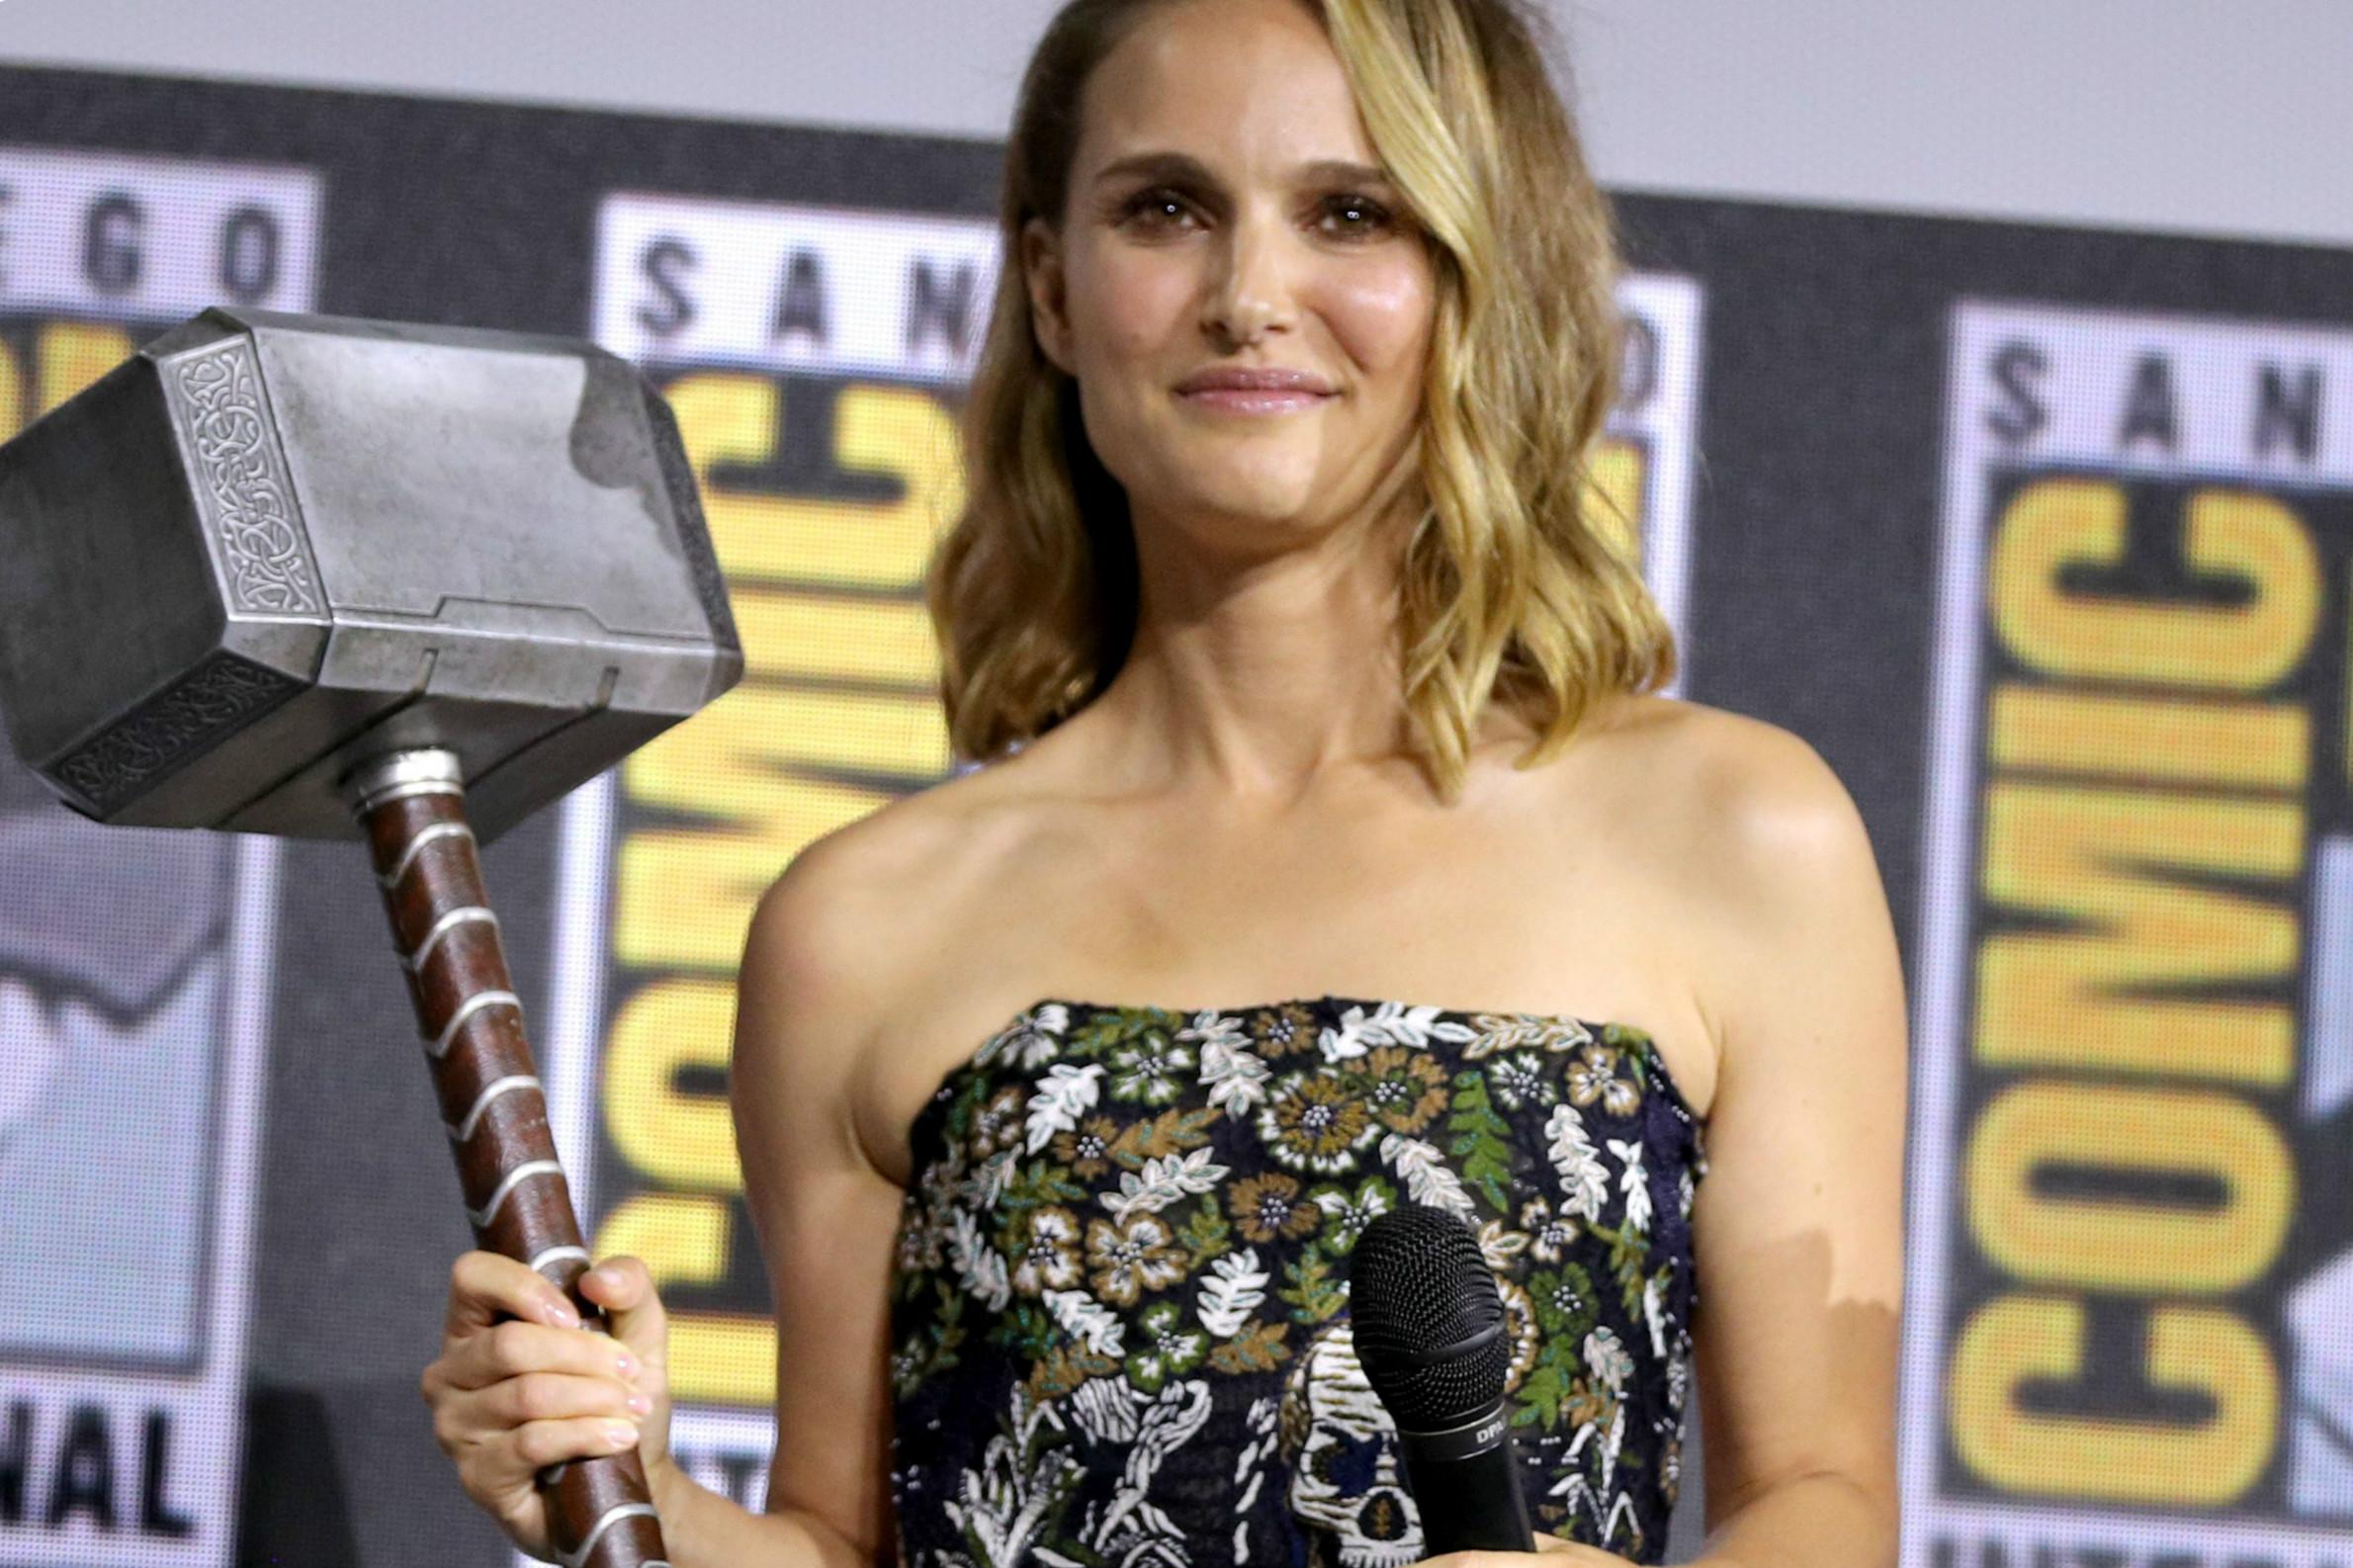 《雷神4》2020年开拍,娜塔莉·波特曼将成女雷神_滕朝